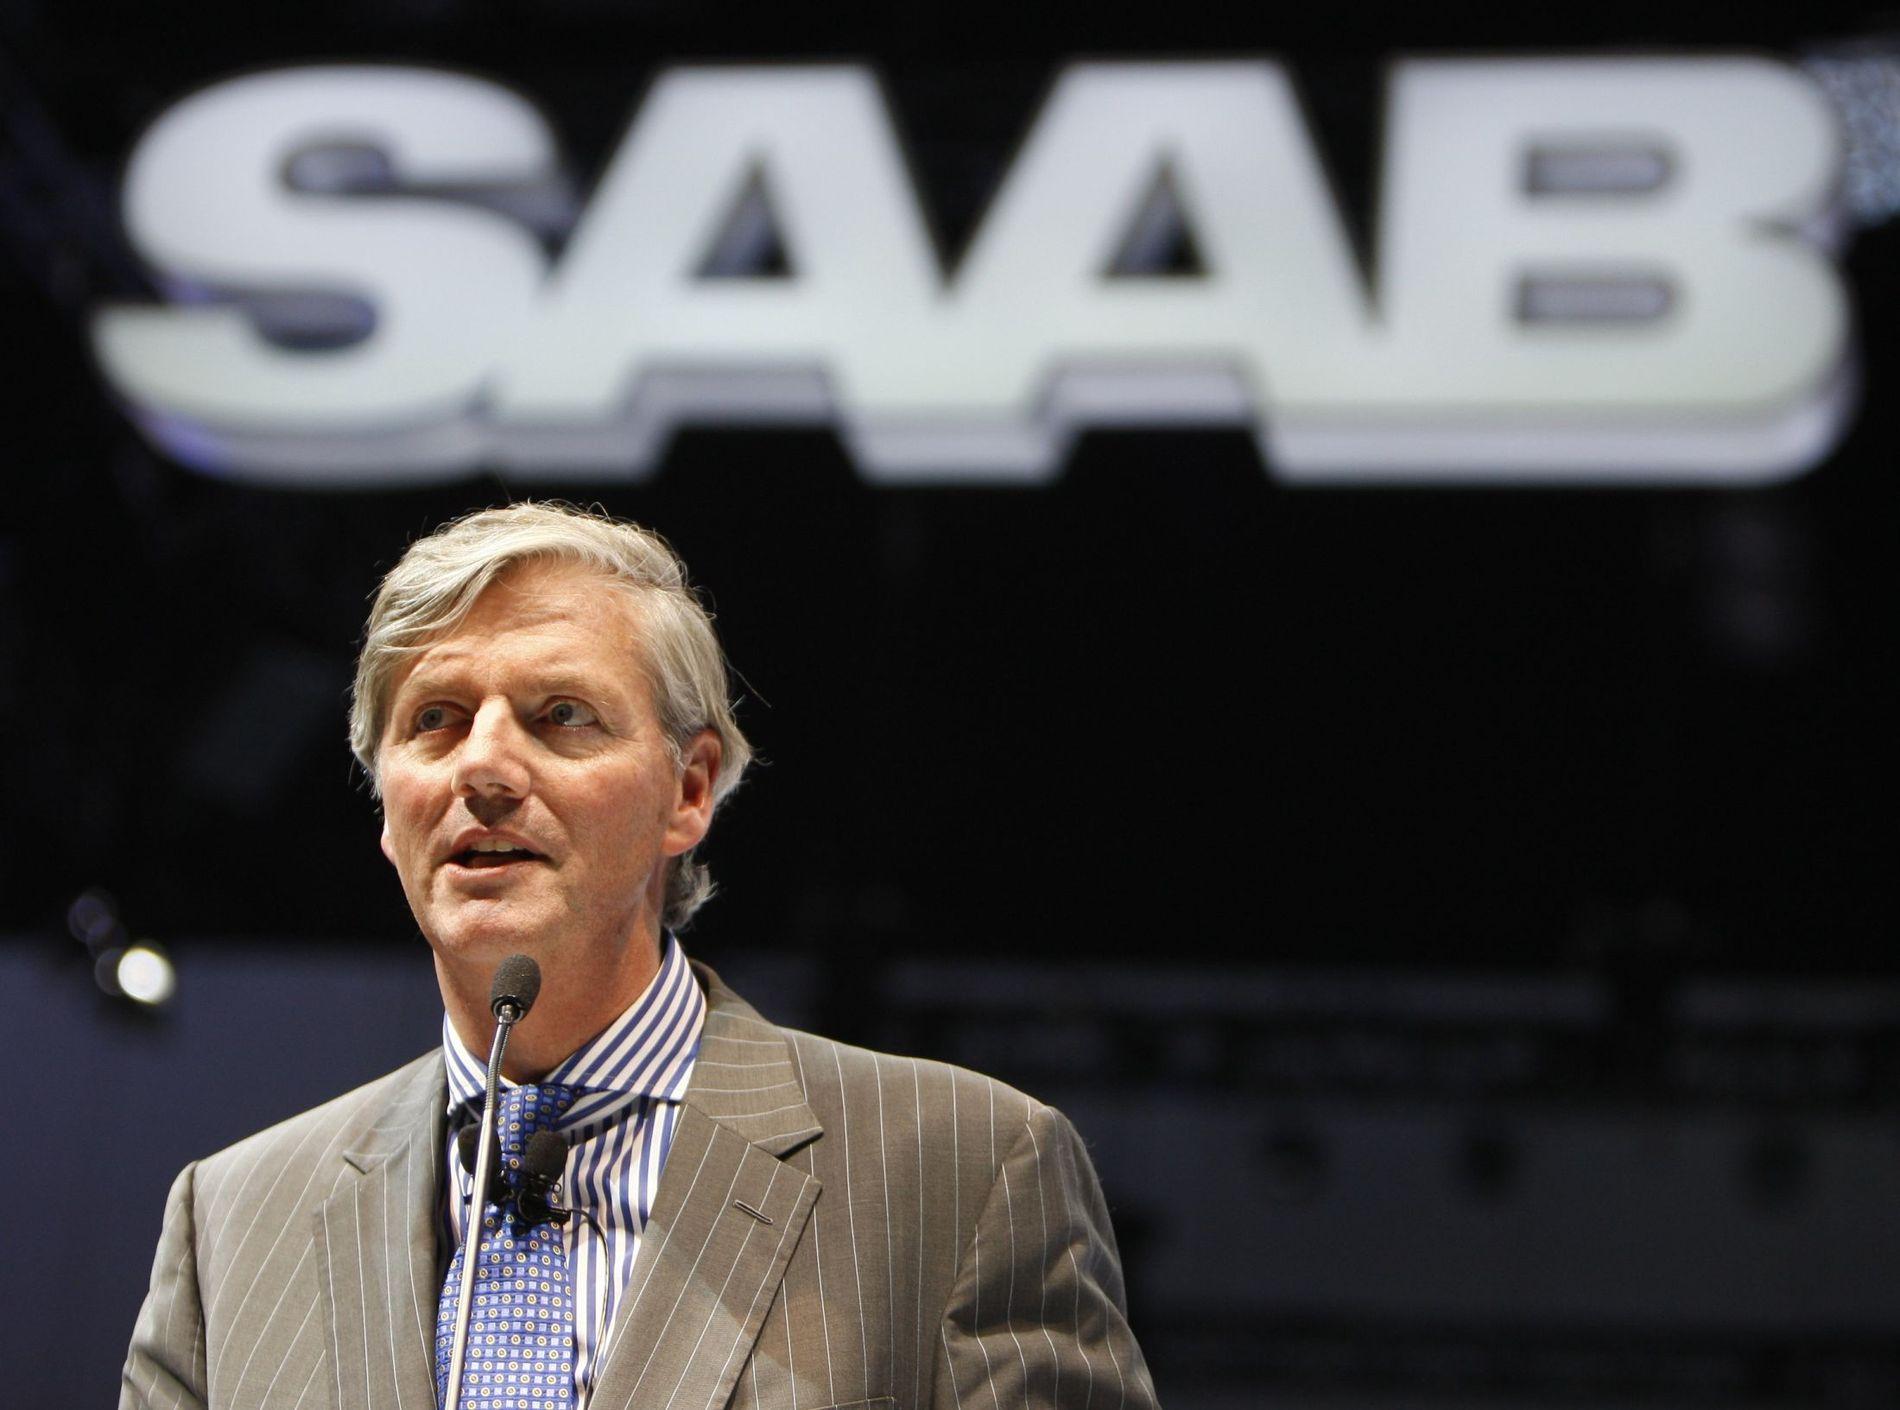 Компанию NEVS, владеющую активами обанкротившегося Saab, готовят к продаже